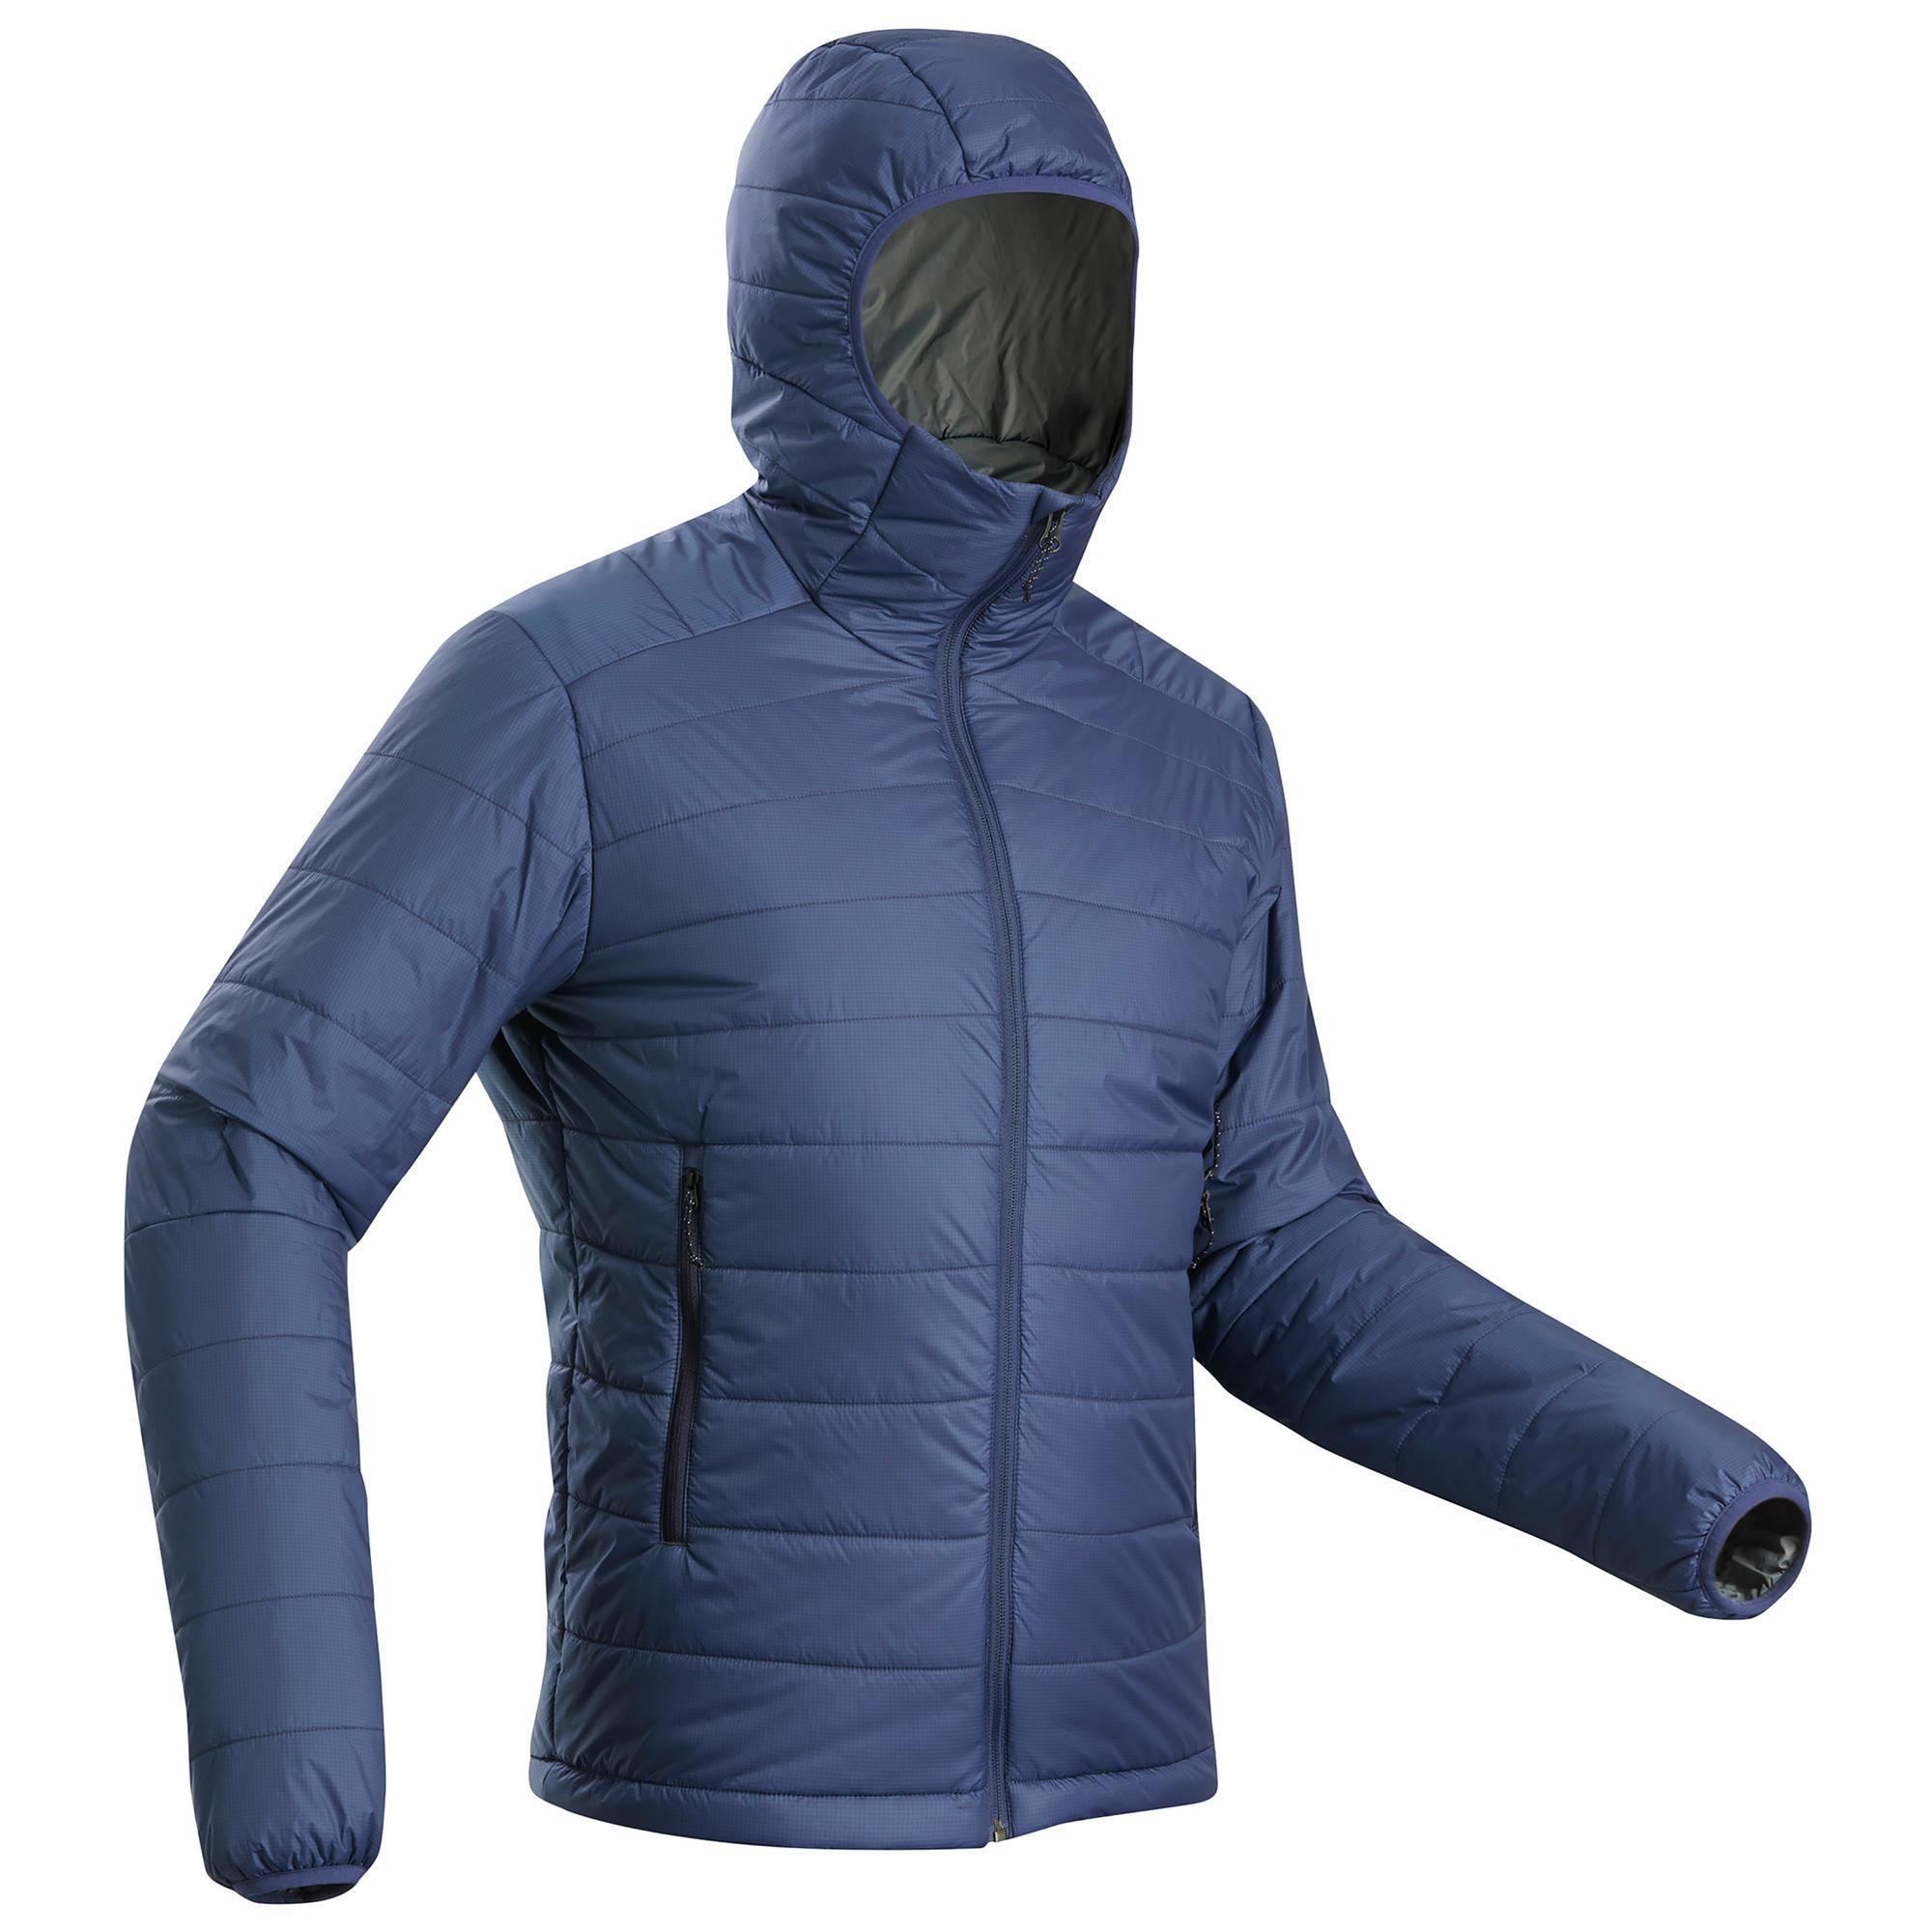 Doudoune de trek montagne trek 100 capuche bleu homme forclaz